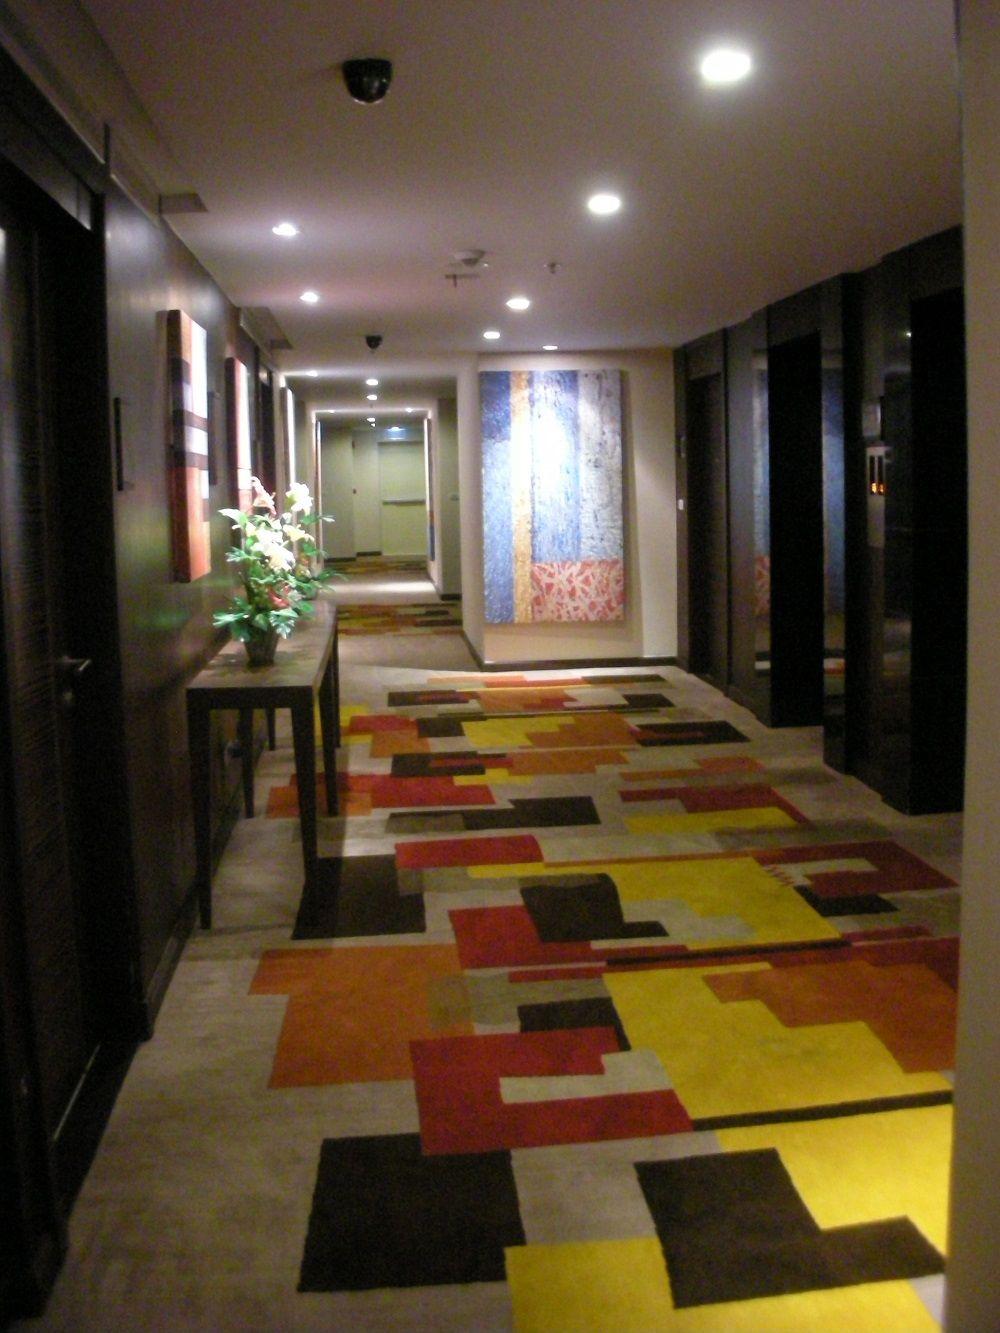 ホテルに近いデザイン性と非日常感も秀逸!